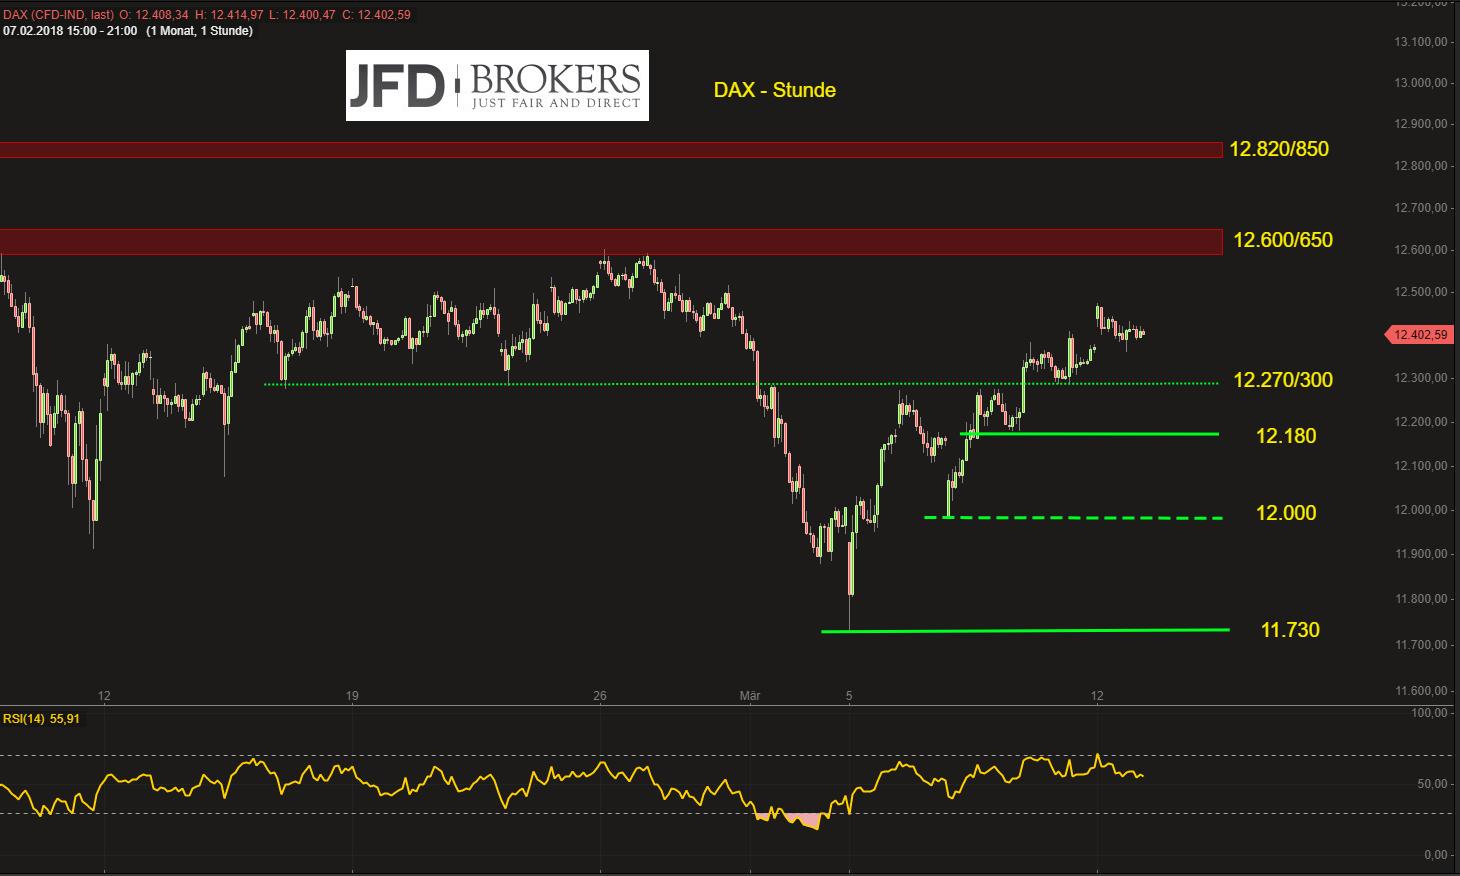 DAX-bullish-oberhalb-von-12-270-300-auf-der-Stunde-12-500-600-starker-Widerstand-Kommentar-JFD-Brokers-GodmodeTrader.de-2